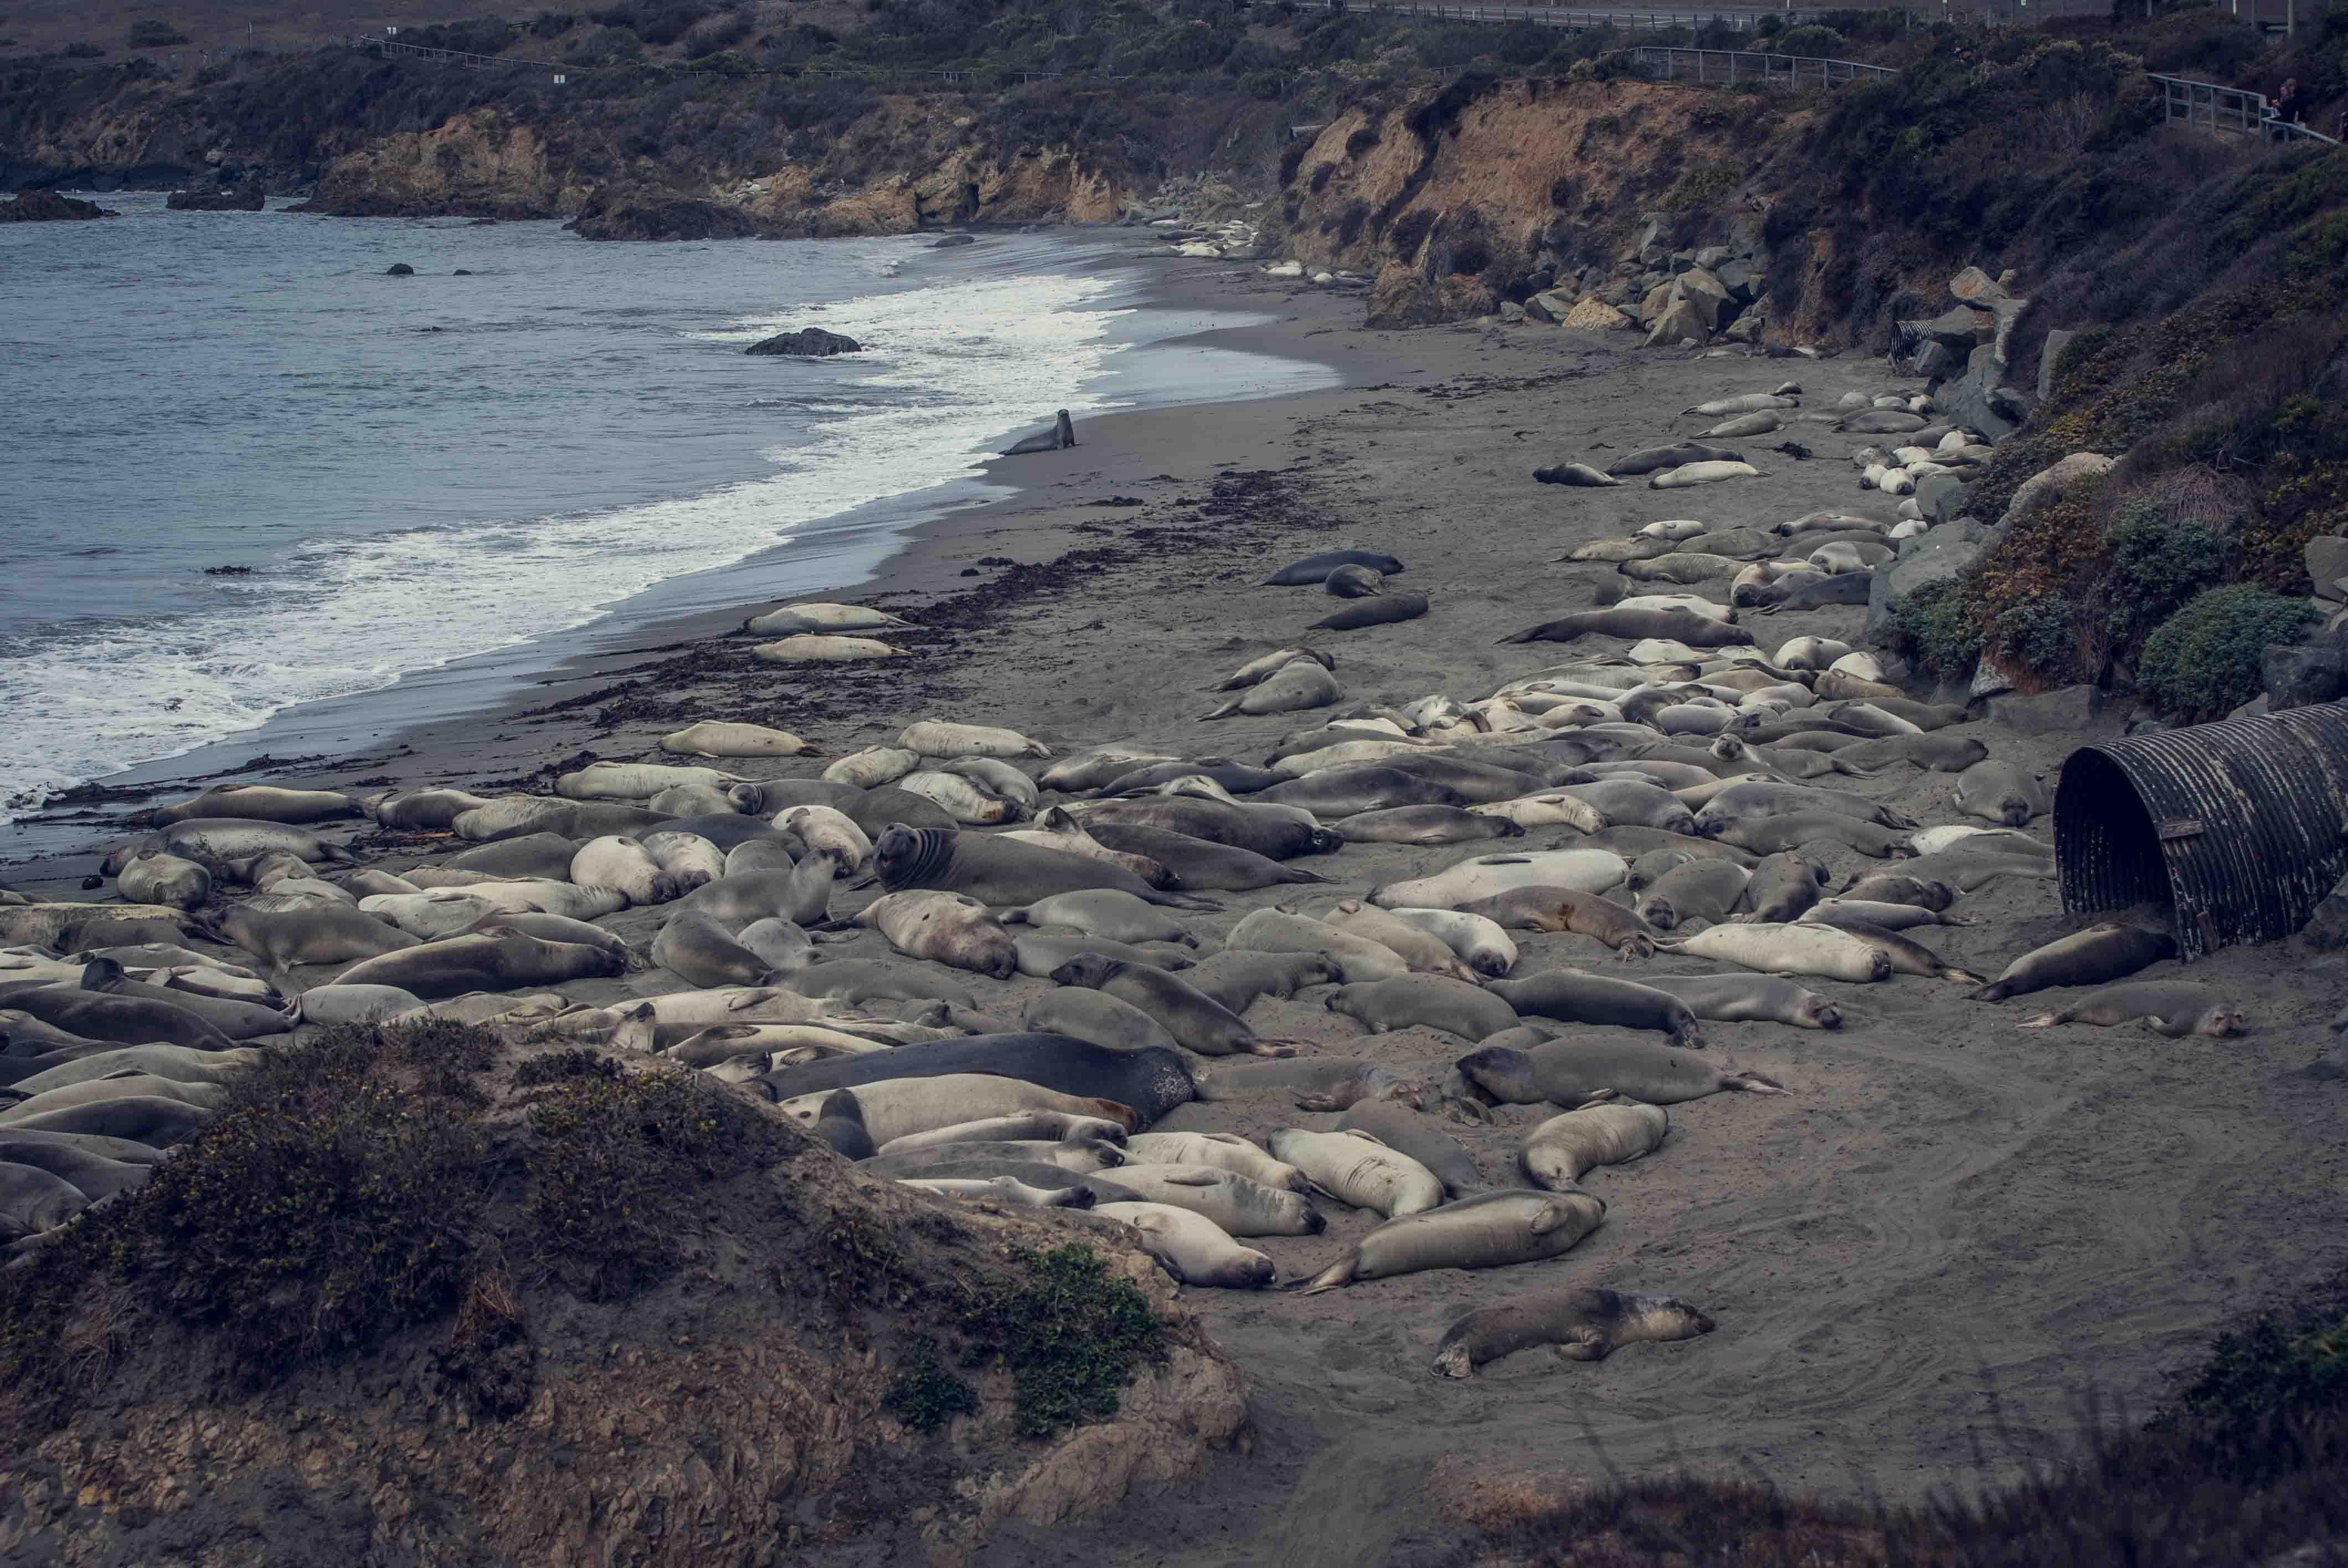 Éléphants de mer Piedras blancas Californie hollywood Death valley vallée de la mort Las Vegas Los Angeles San Francisco blog carnet de voyage